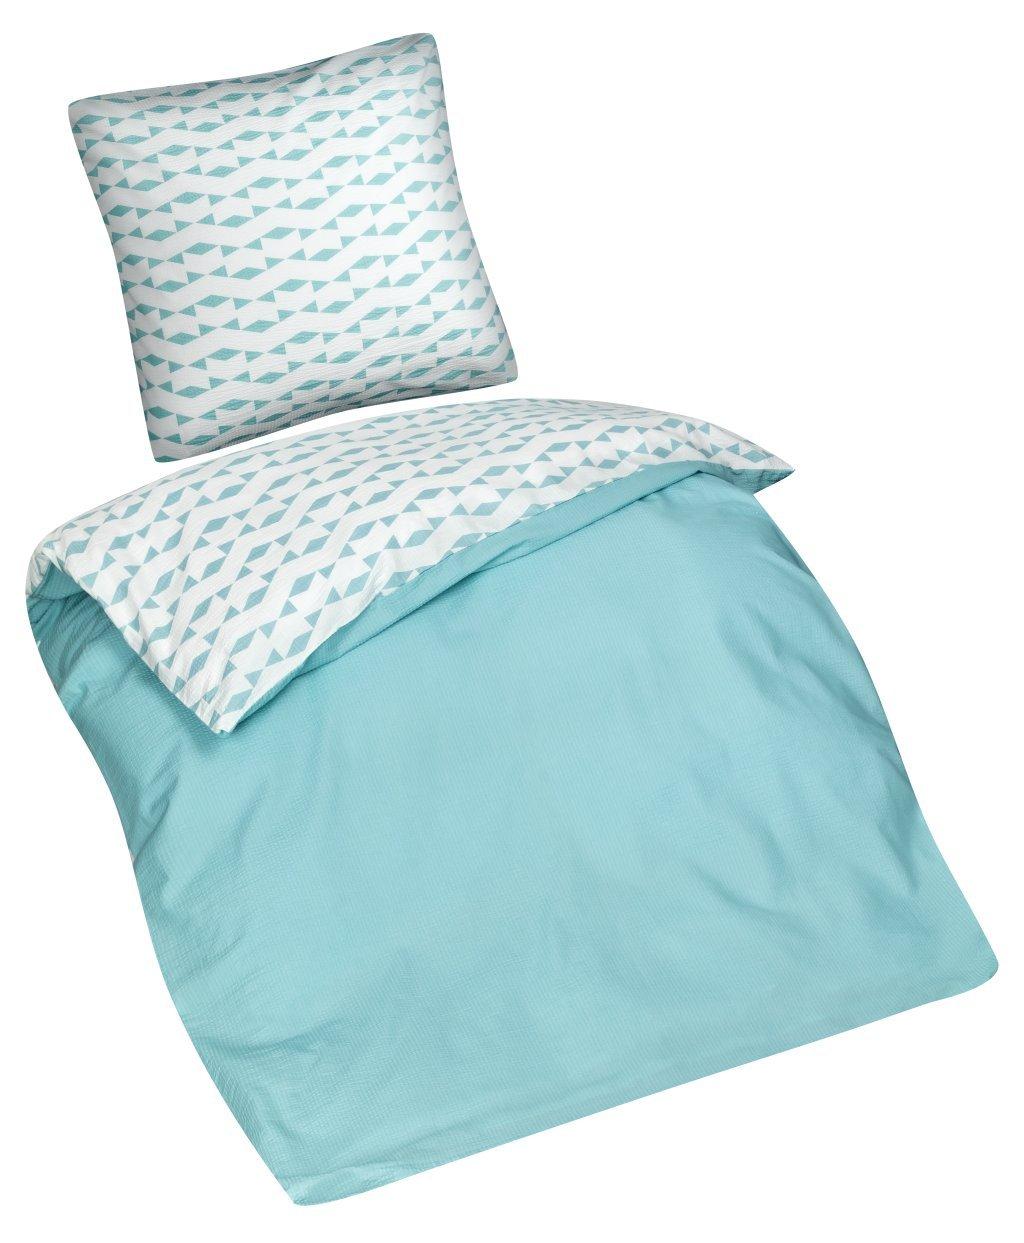 Aminata - Ropa de cama 135 x 200 cm color azul verde Seersucker ...